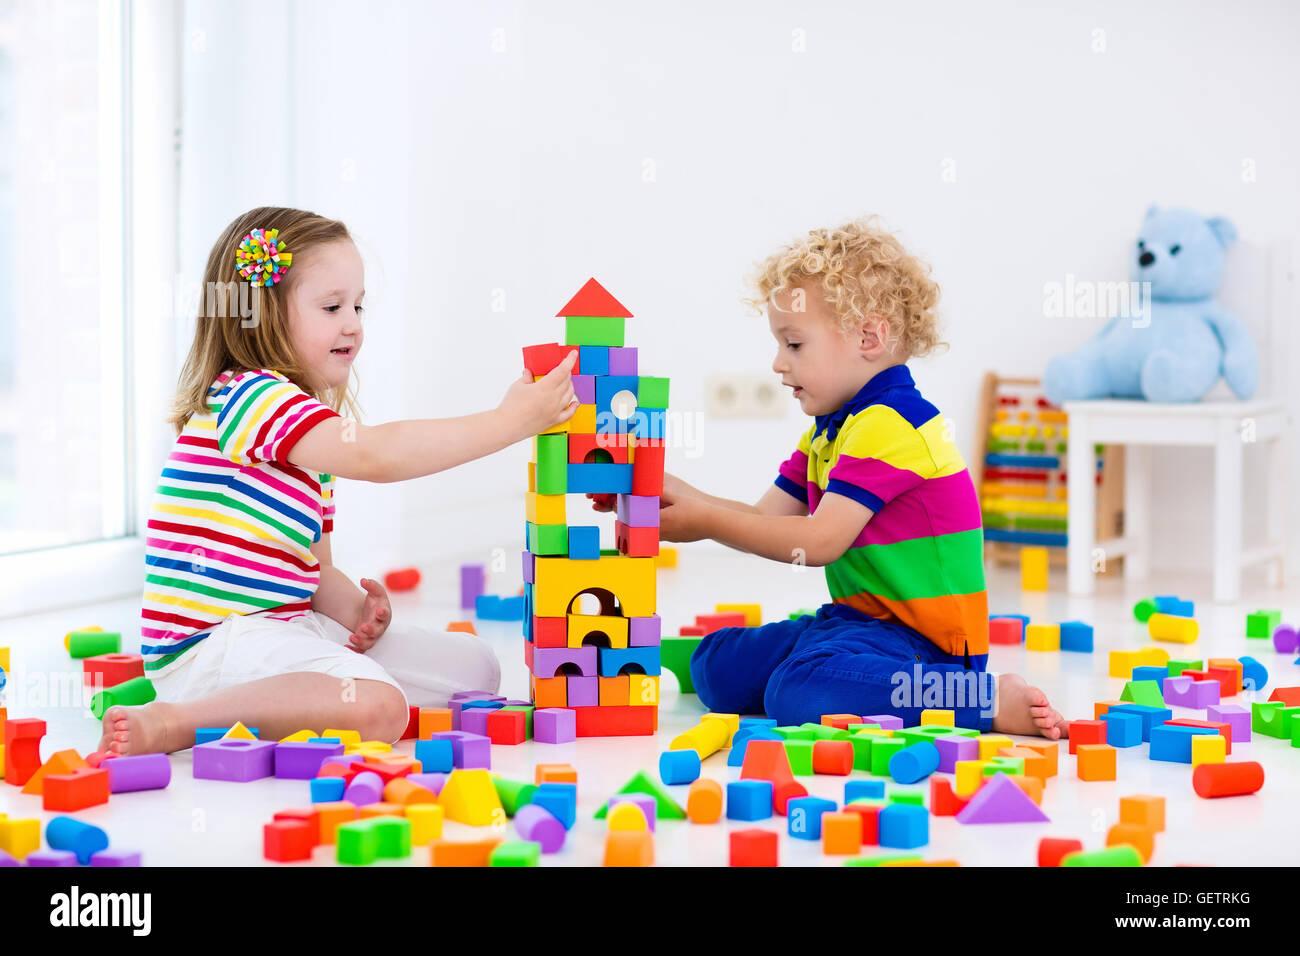 gl cklich im vorschulalter kinder spielen mit bunten kunststoff kl tzchen kreative kindergarten. Black Bedroom Furniture Sets. Home Design Ideas